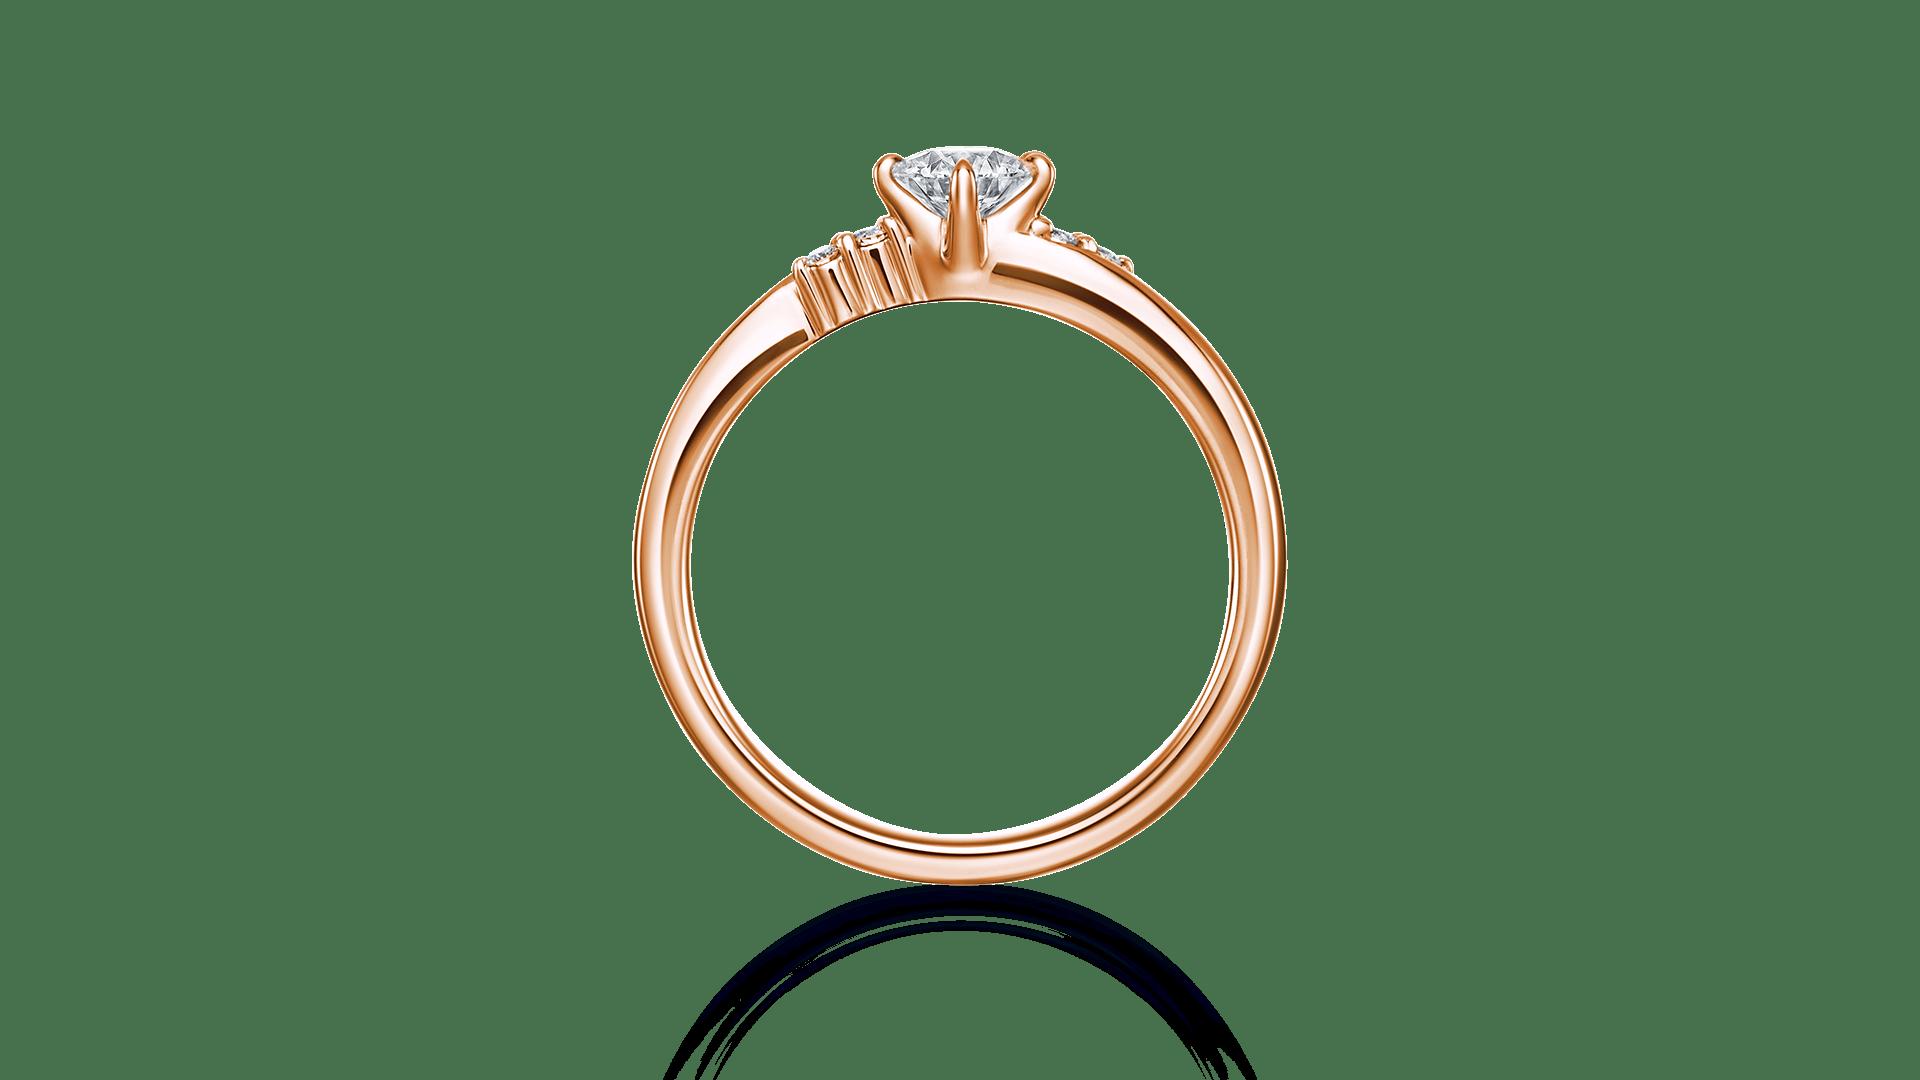 sagitta サジッタ | 婚約指輪サムネイル 2